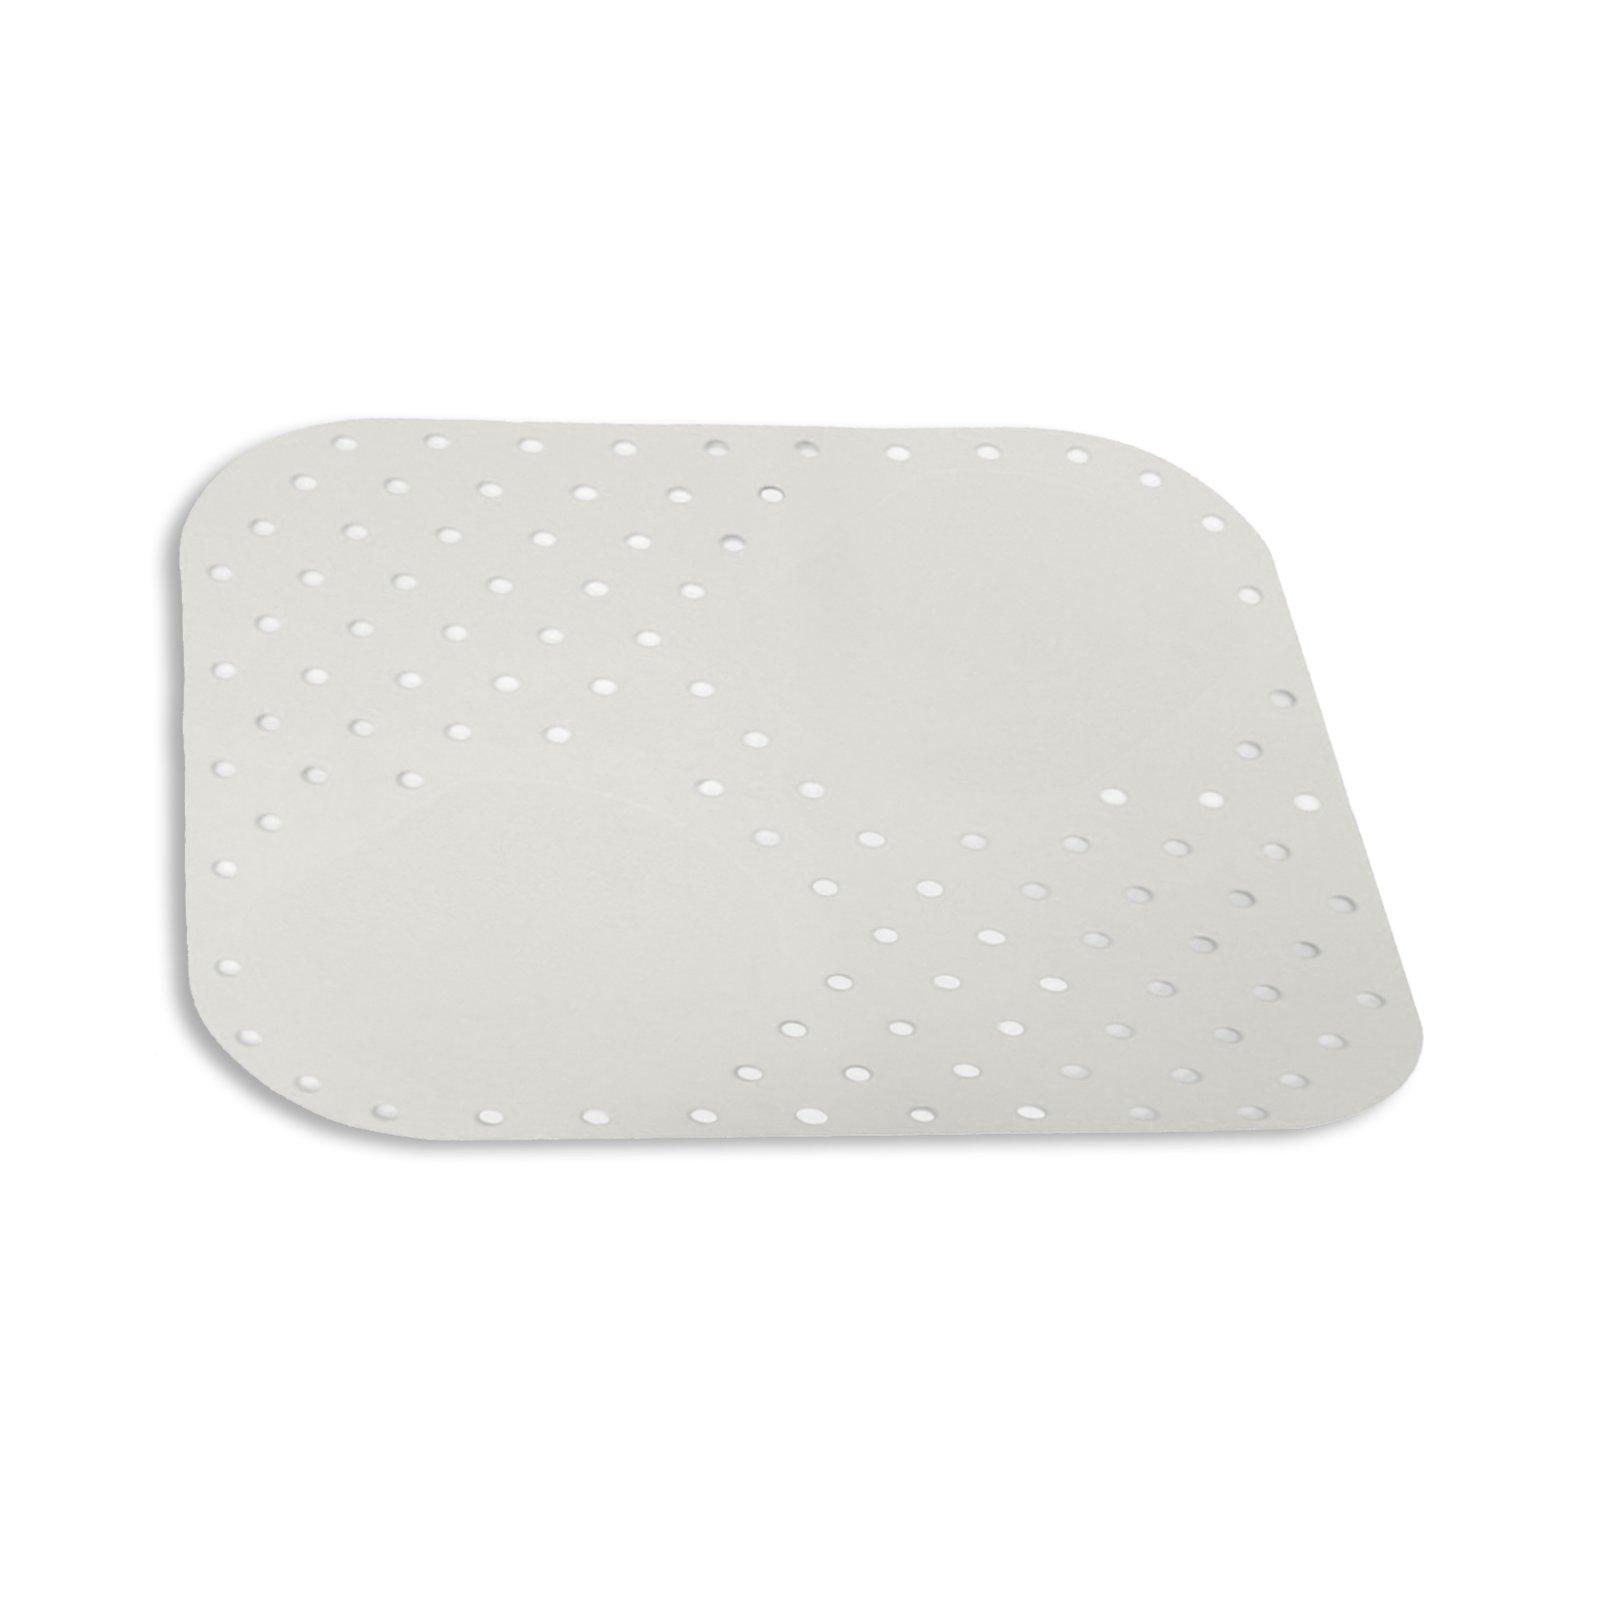 dusch antirutschmatte wei 54x54 cm anti rutsch bad accessoires badezimmer. Black Bedroom Furniture Sets. Home Design Ideas